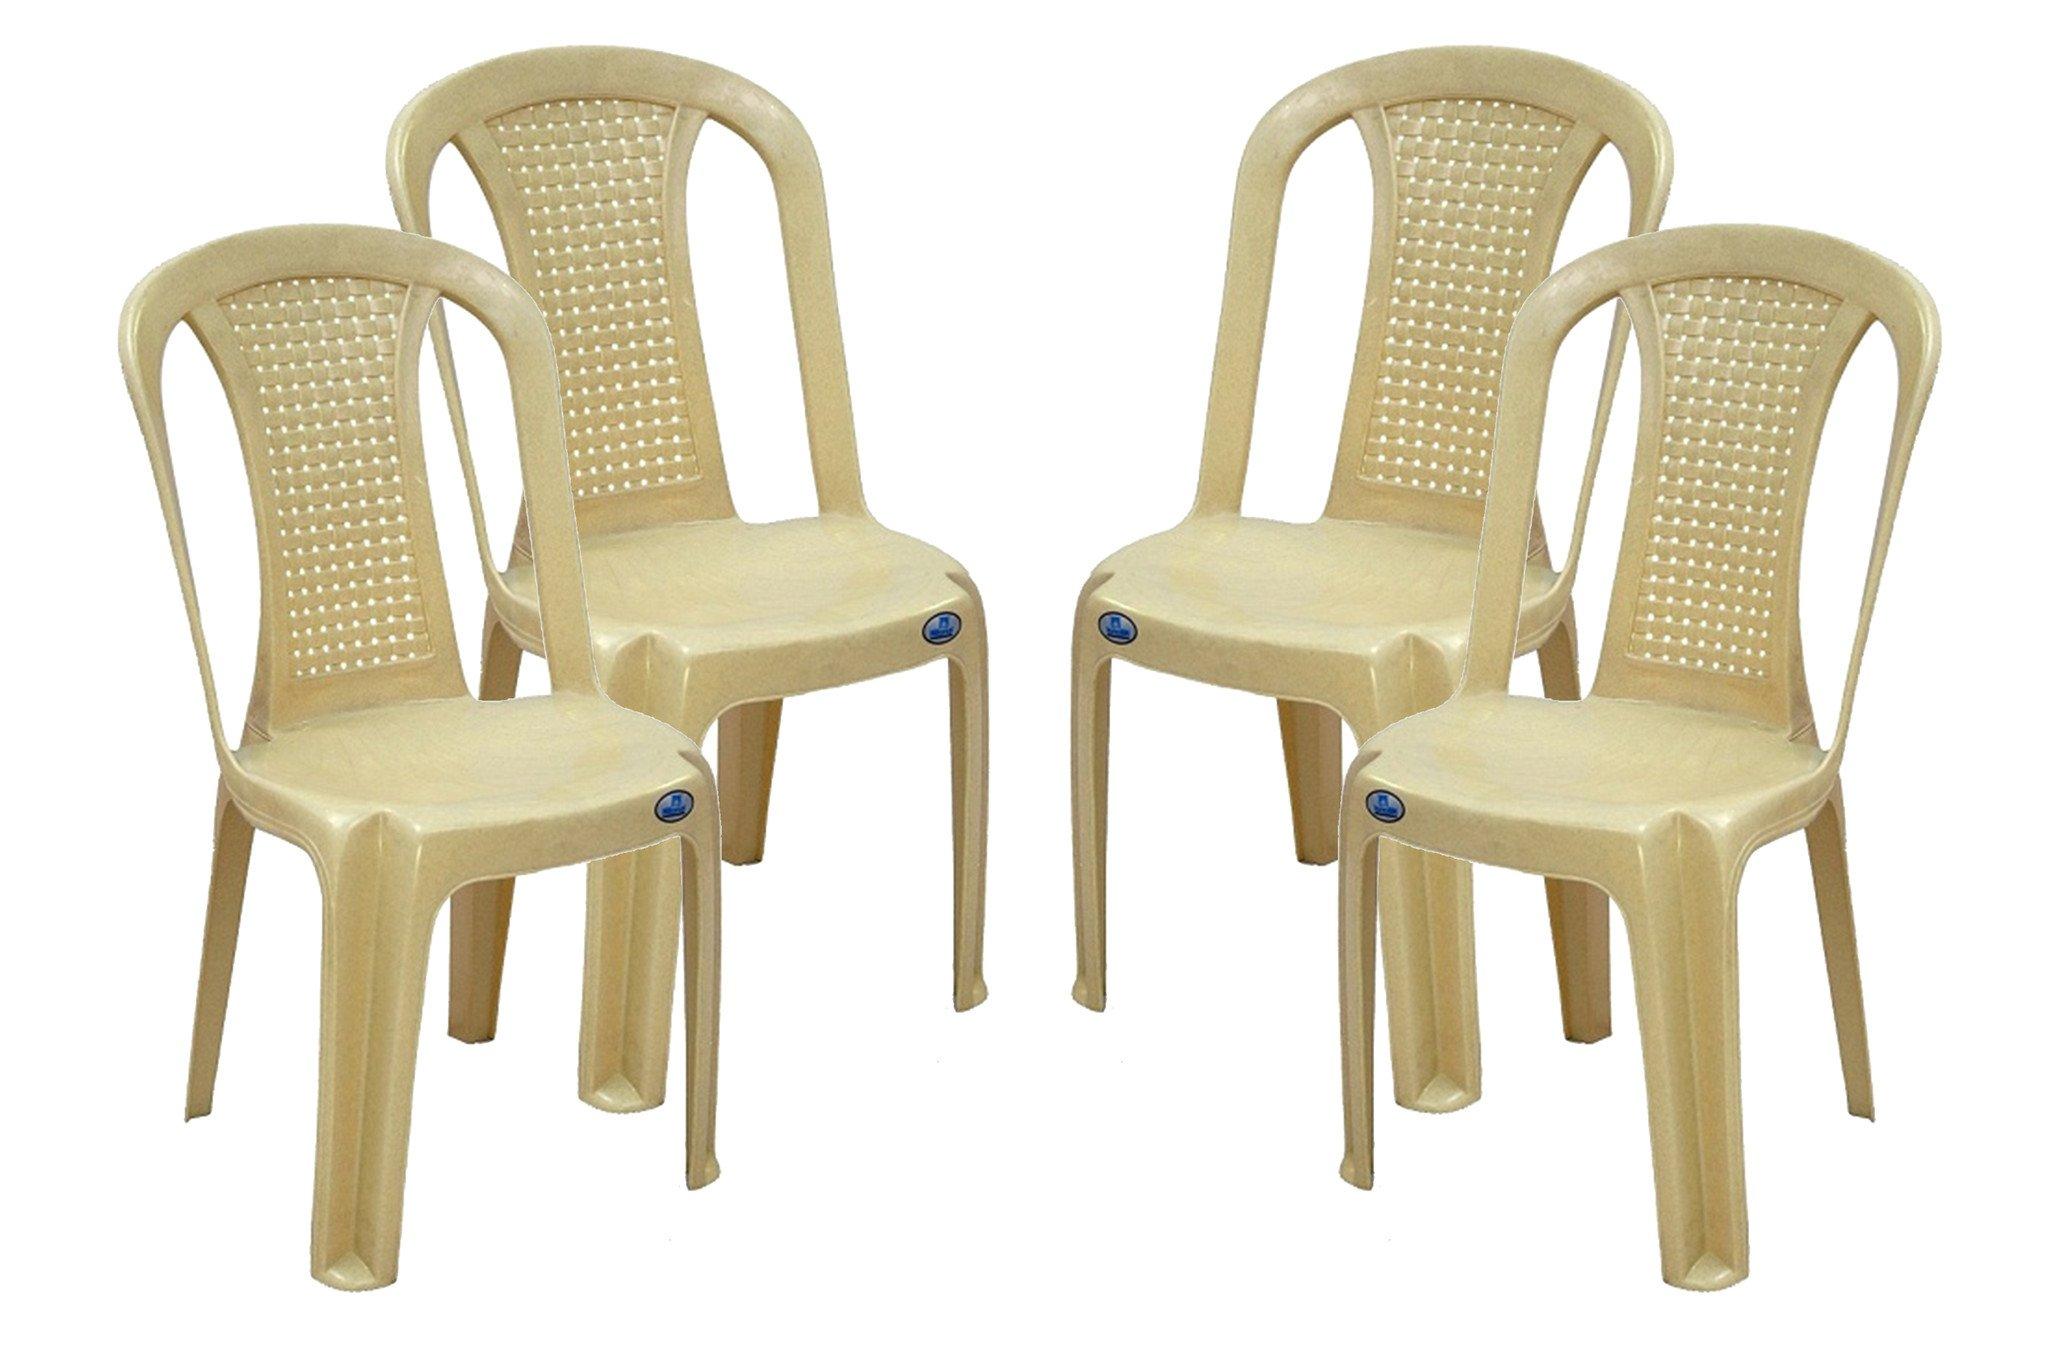 Гарантия на стулья по закону